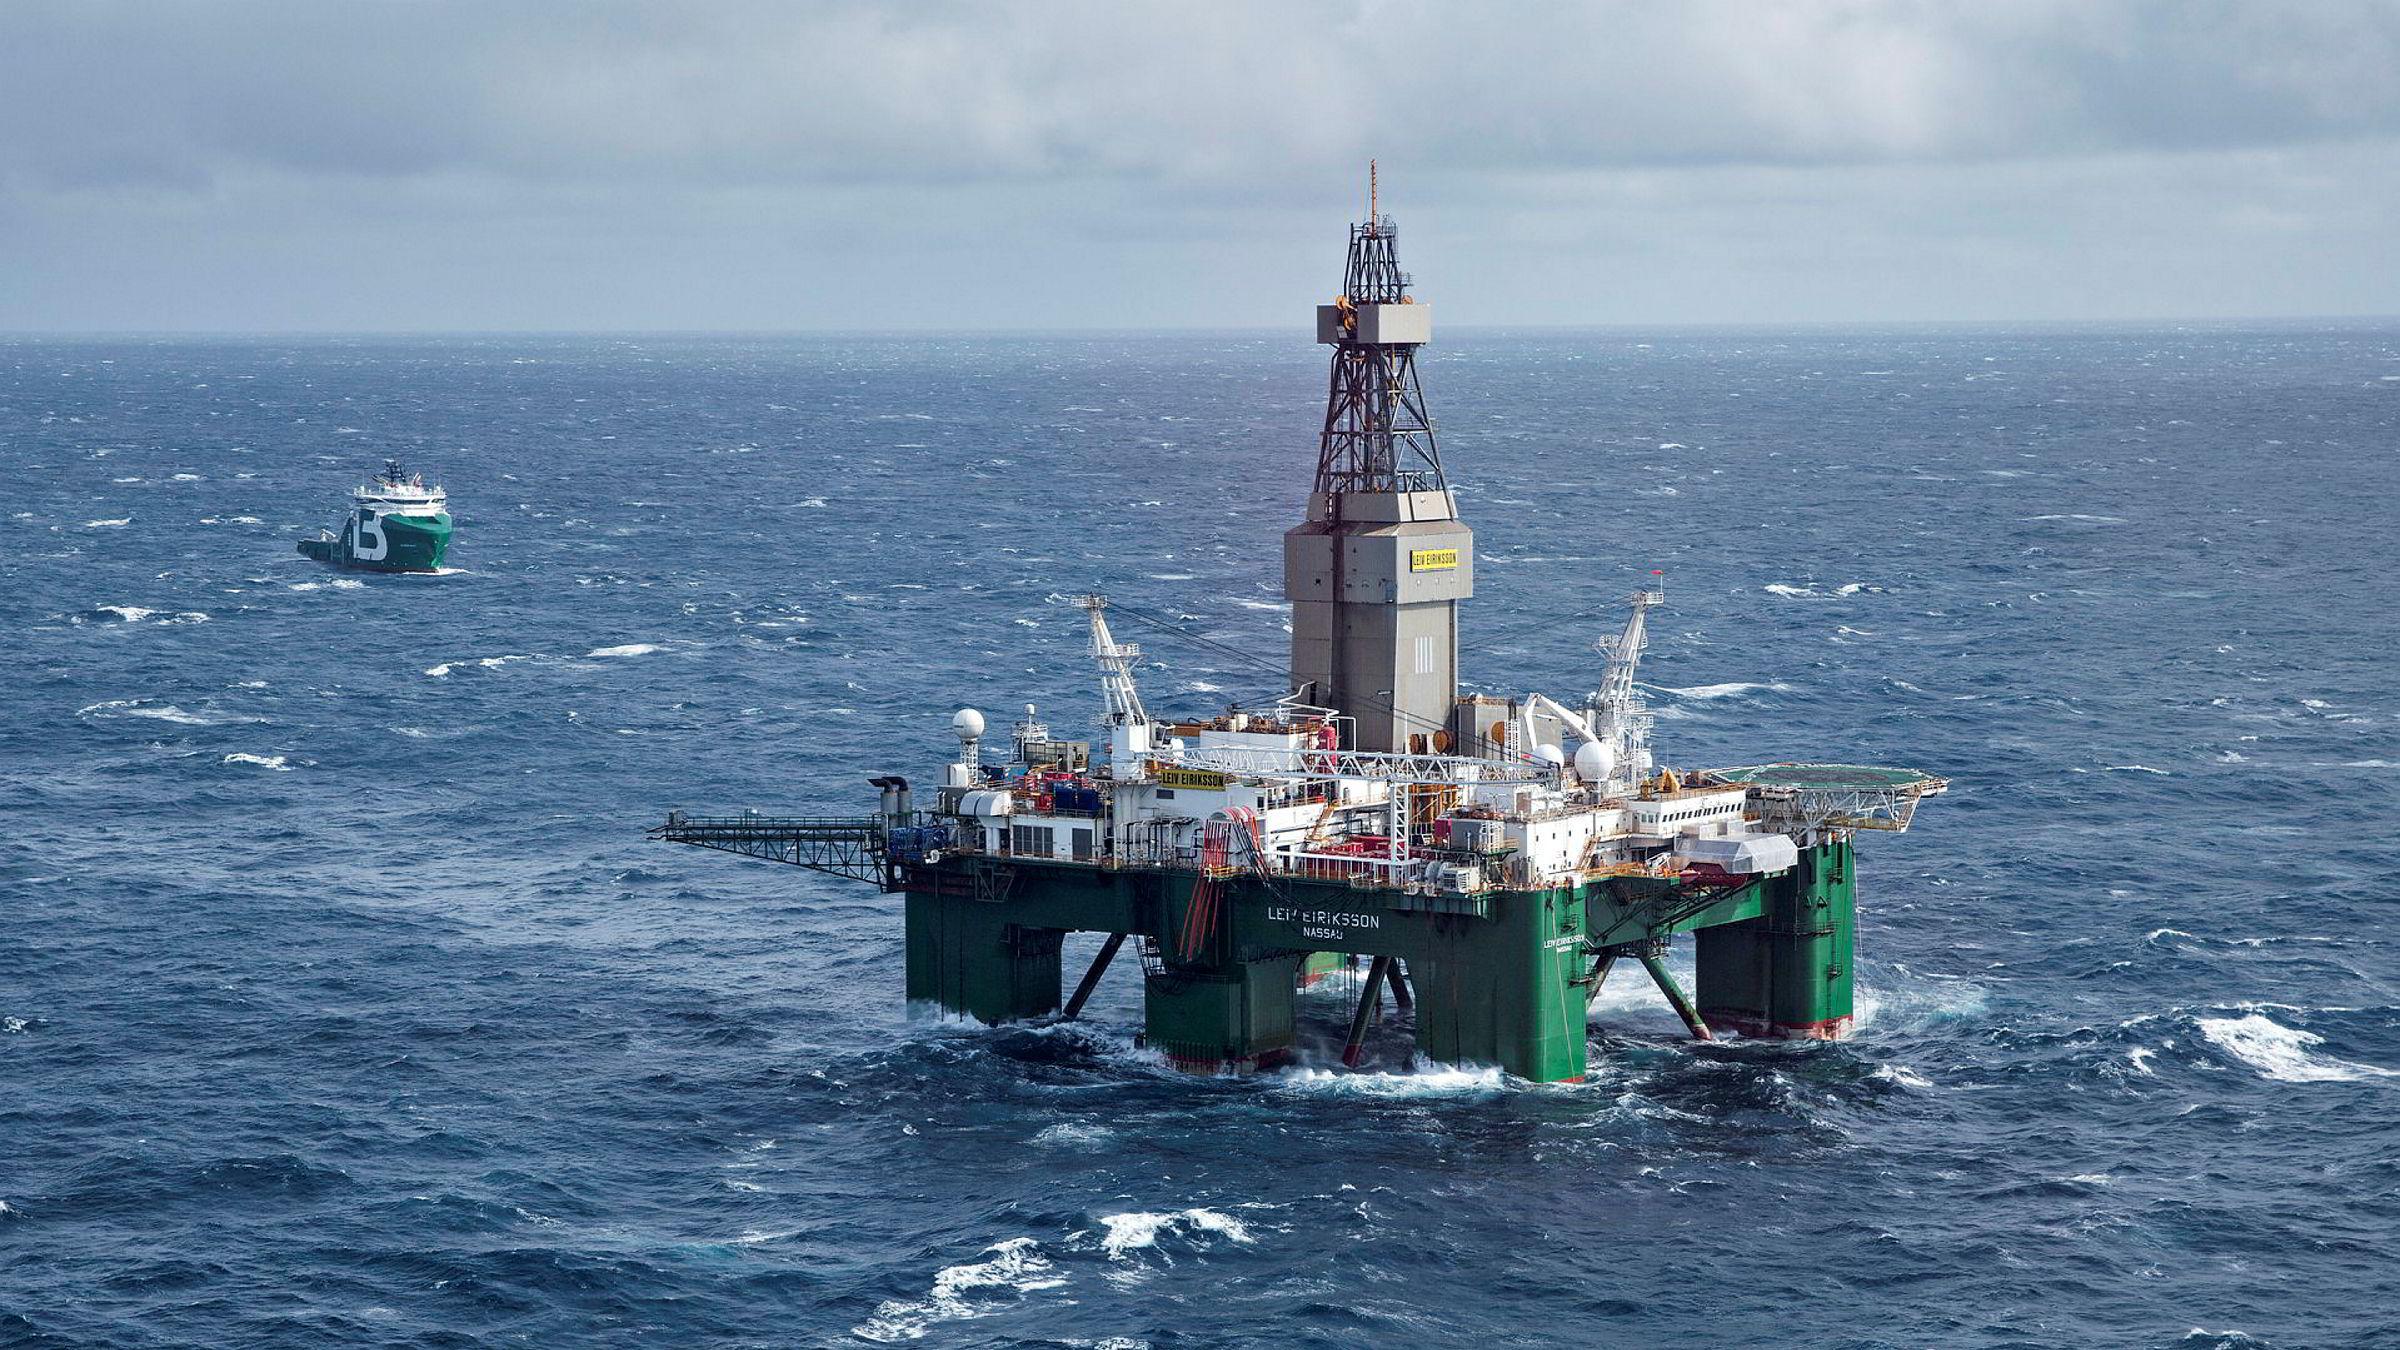 Hvis staten lar oljen ligge permanent, får man naturligvis redusert problemet med svingende oljepriser. Men det blir litt som å kurere et gnagsår på hælen med å amputere foten. Her boreriggen Leiv Eriksson i Barentshavet.